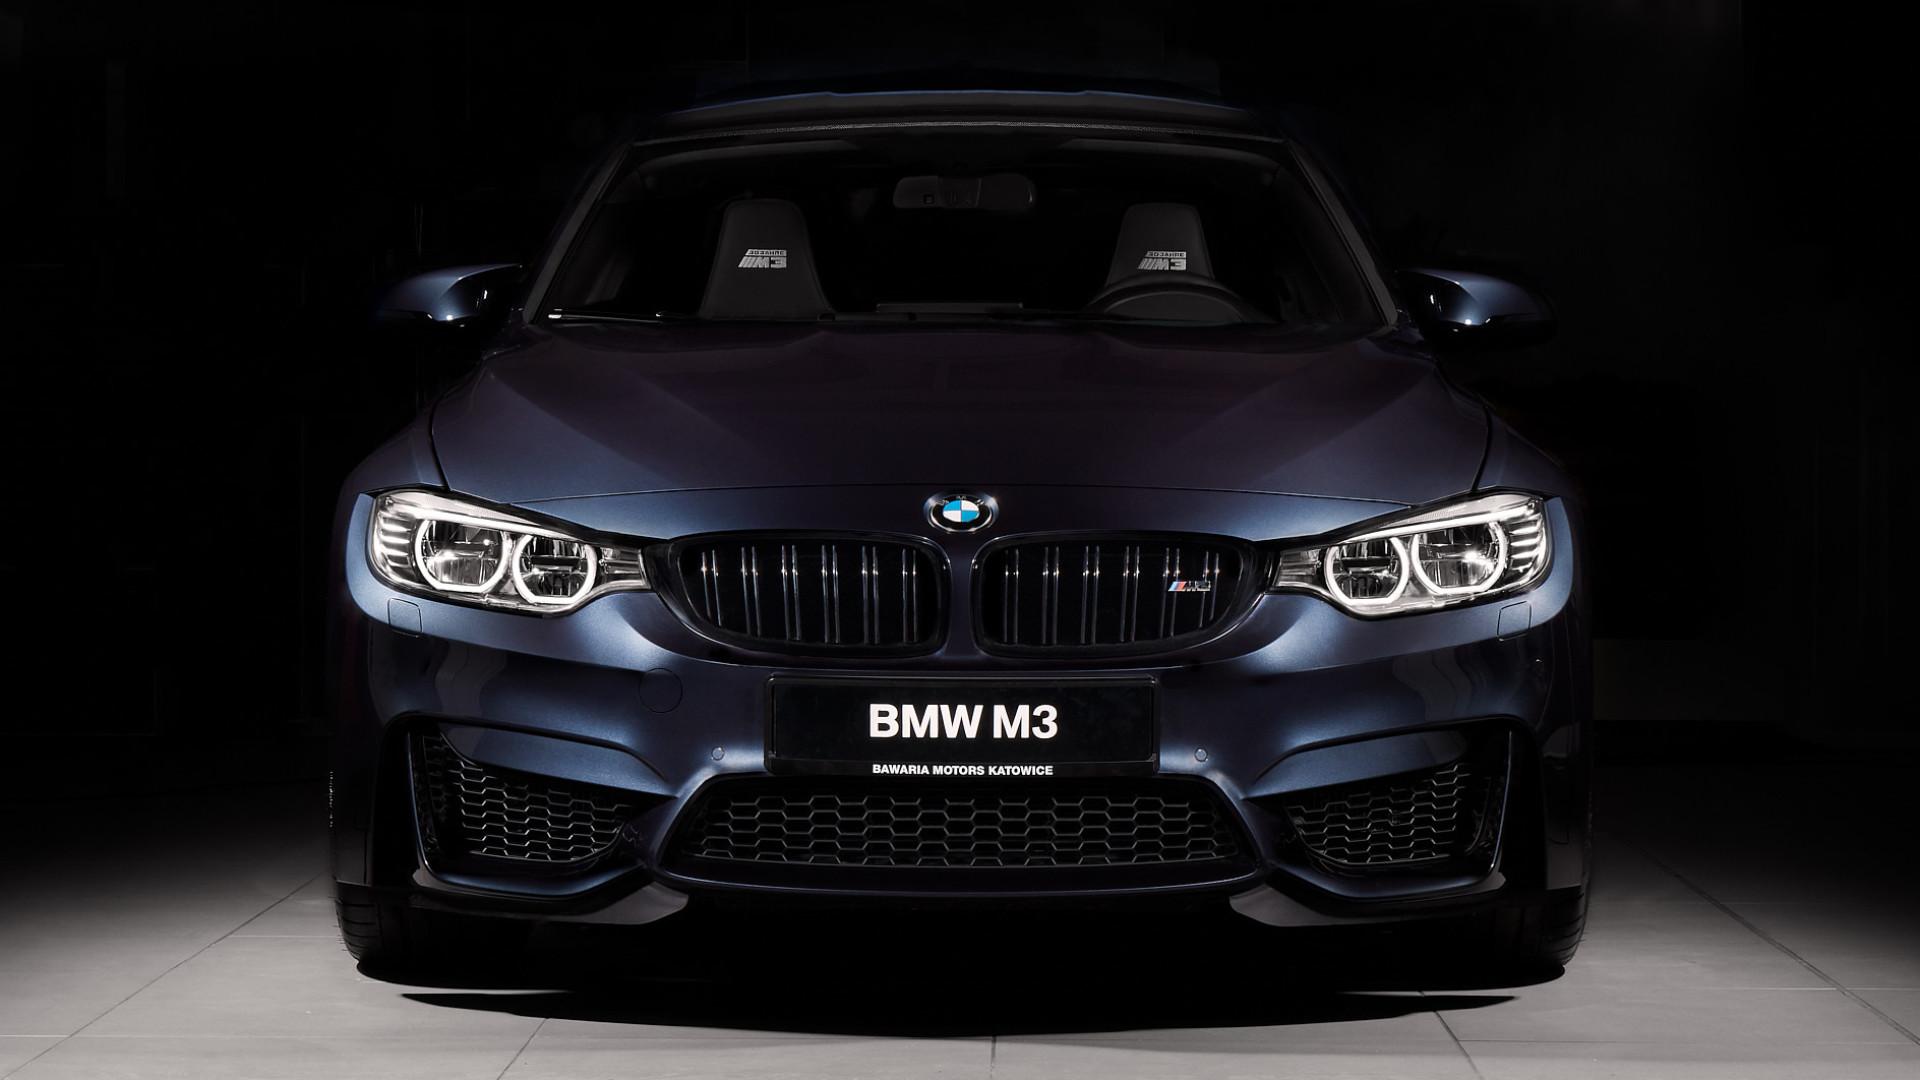 BMW M3 30 Jahre Edition - Artur Nyk